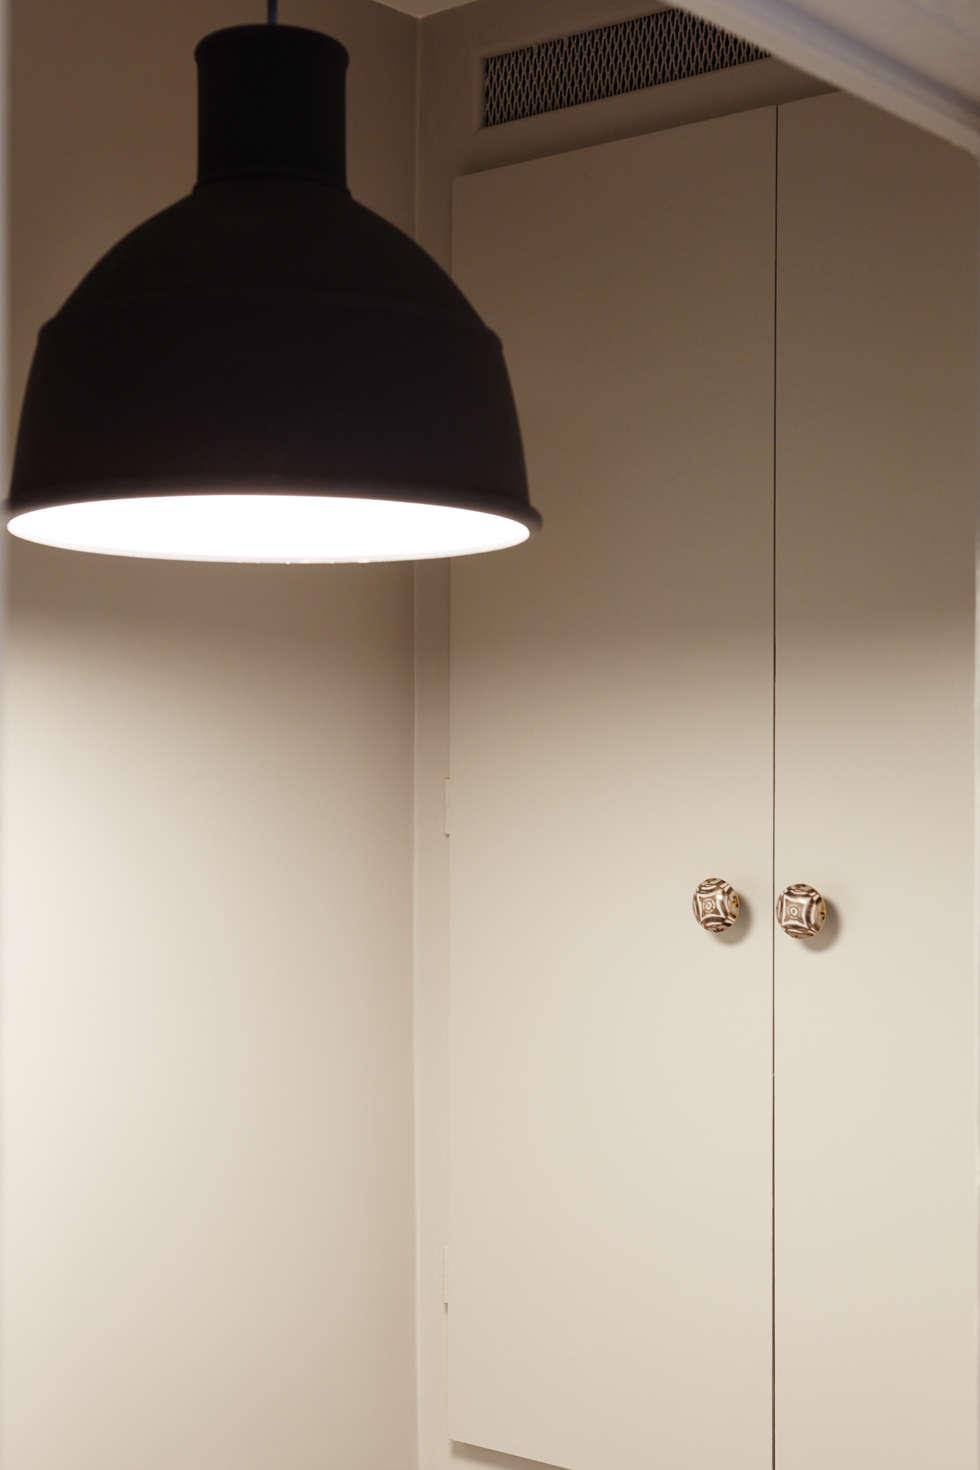 Suspension toilettes / Poignées de meuble: Salle de bains de style  par Fella DESPRES, Décoration D'intérieur.